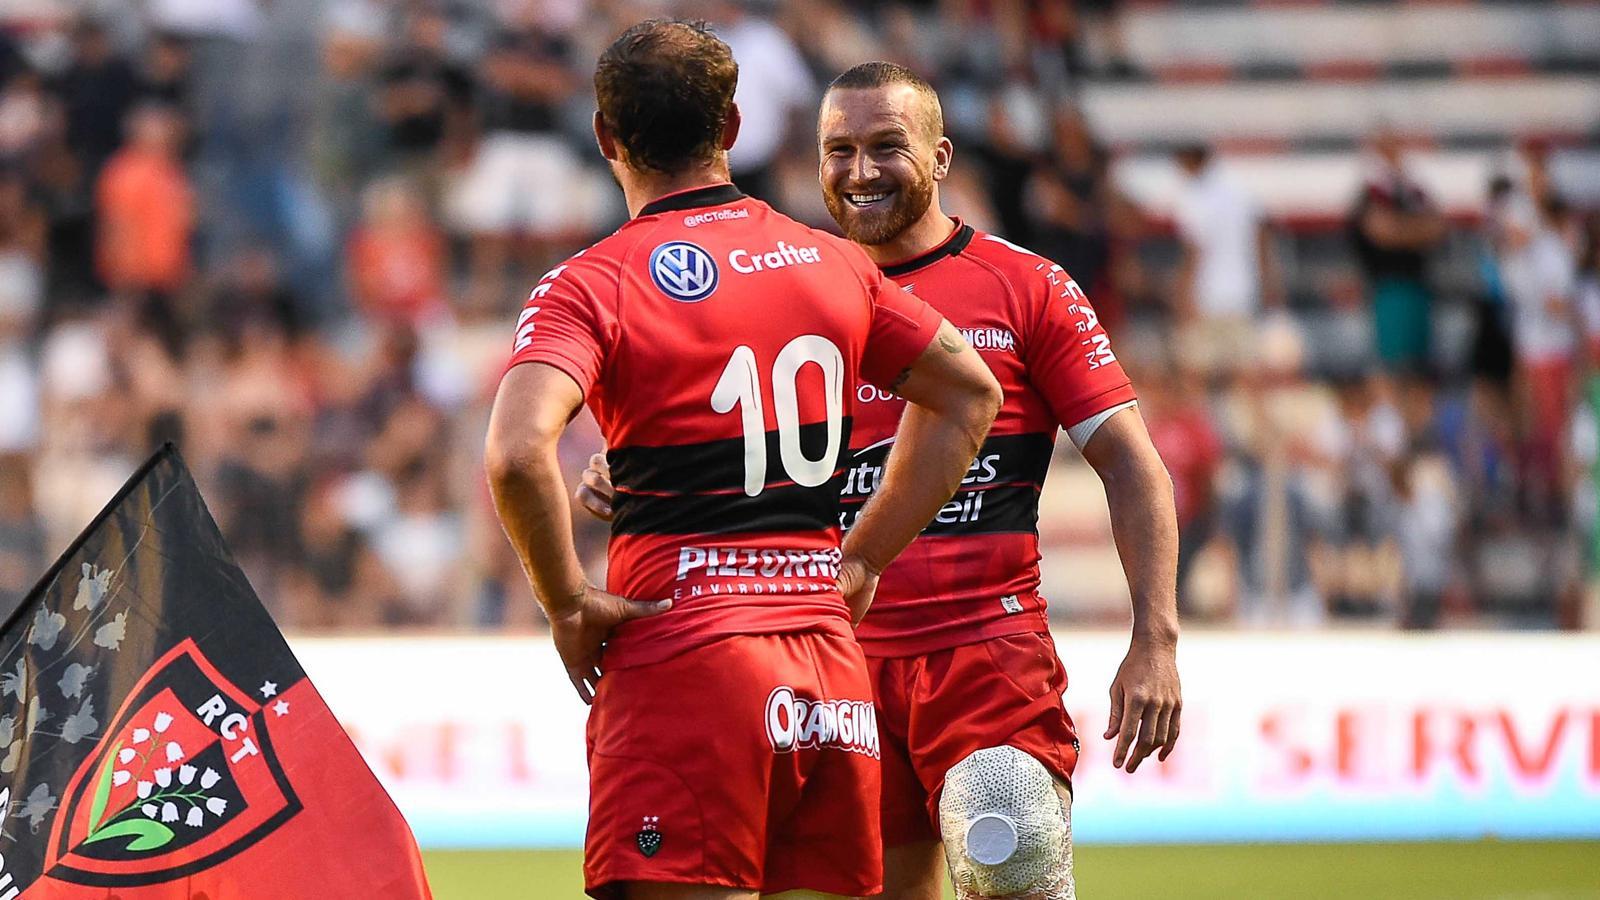 Frederic Michalak et Matt Giteau (Toulon) - match de préparation contre Toulouse le 1er aout 2014